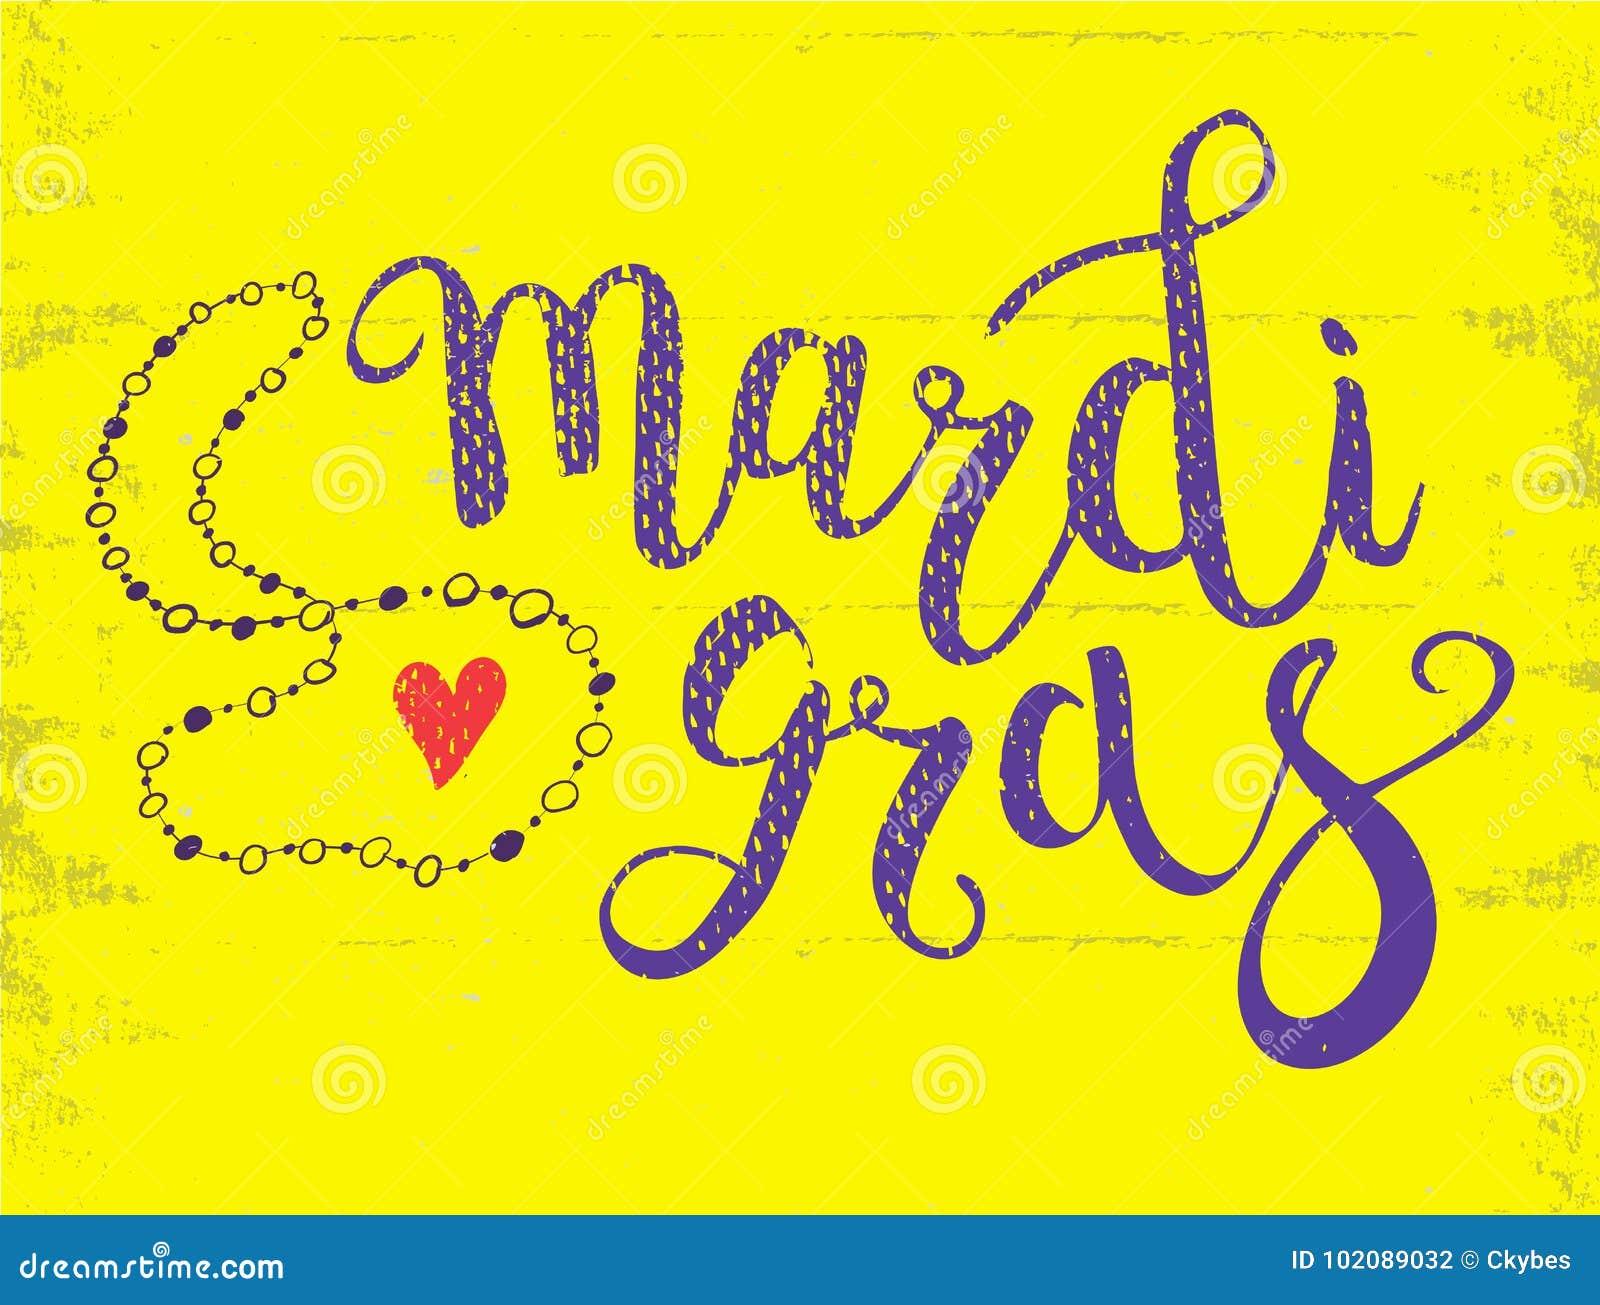 Carnevale Mardi Gras Brush Pen Sign Mardi Gras Calligraphic